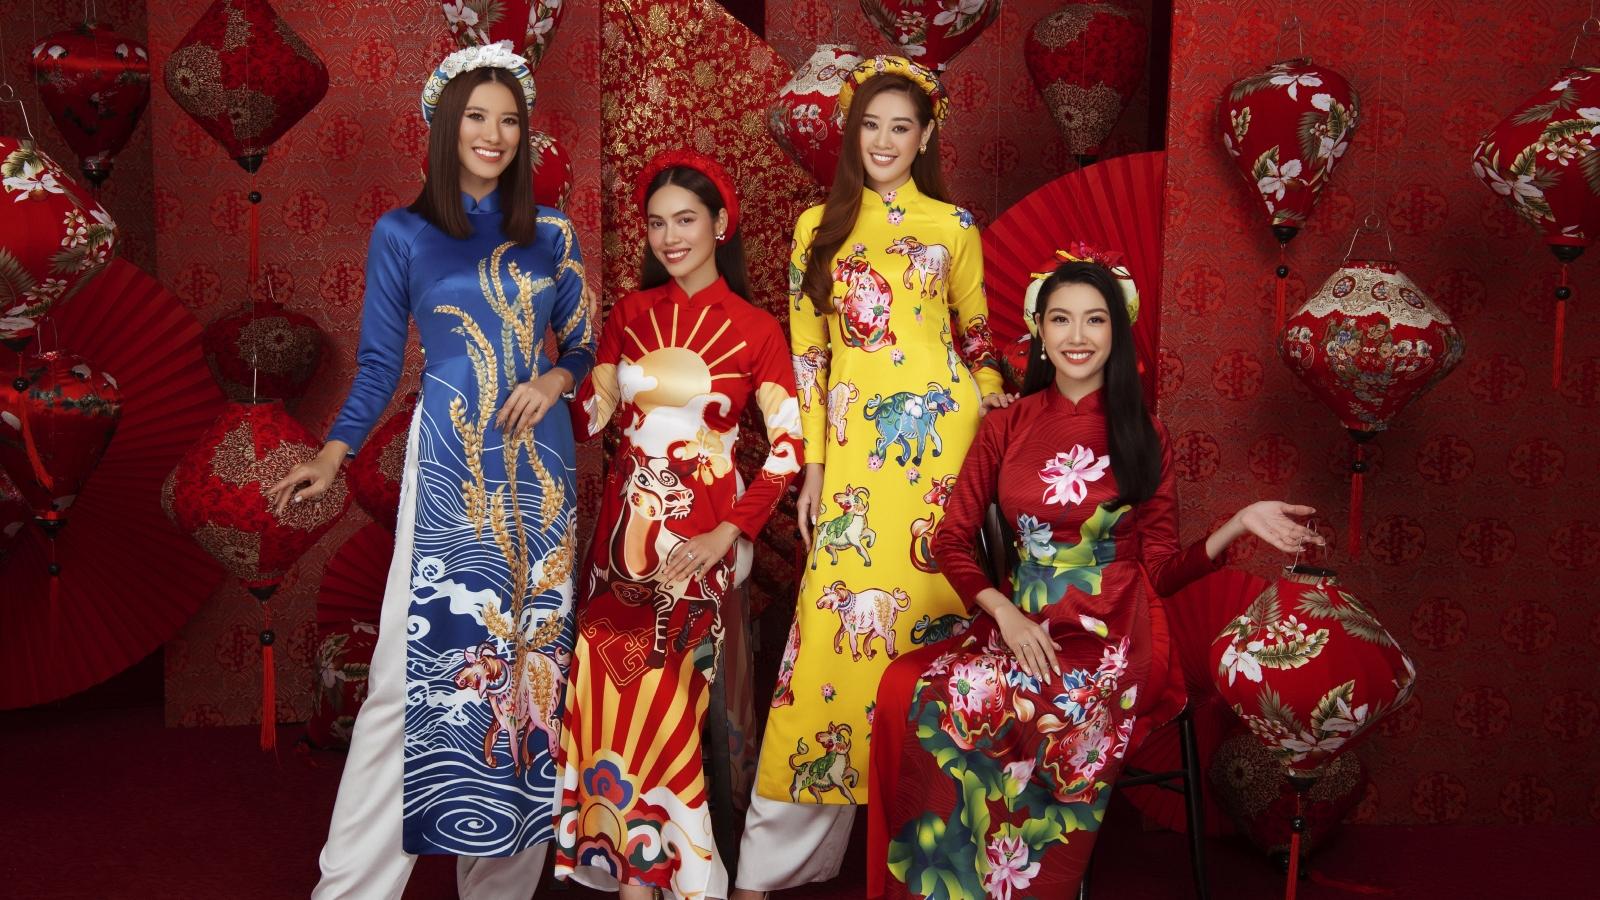 Hoa hậu Khánh Vân, Á hậu Kim Duyên rạng ngời trong bộ ảnh Tết Tân Sửu 2021